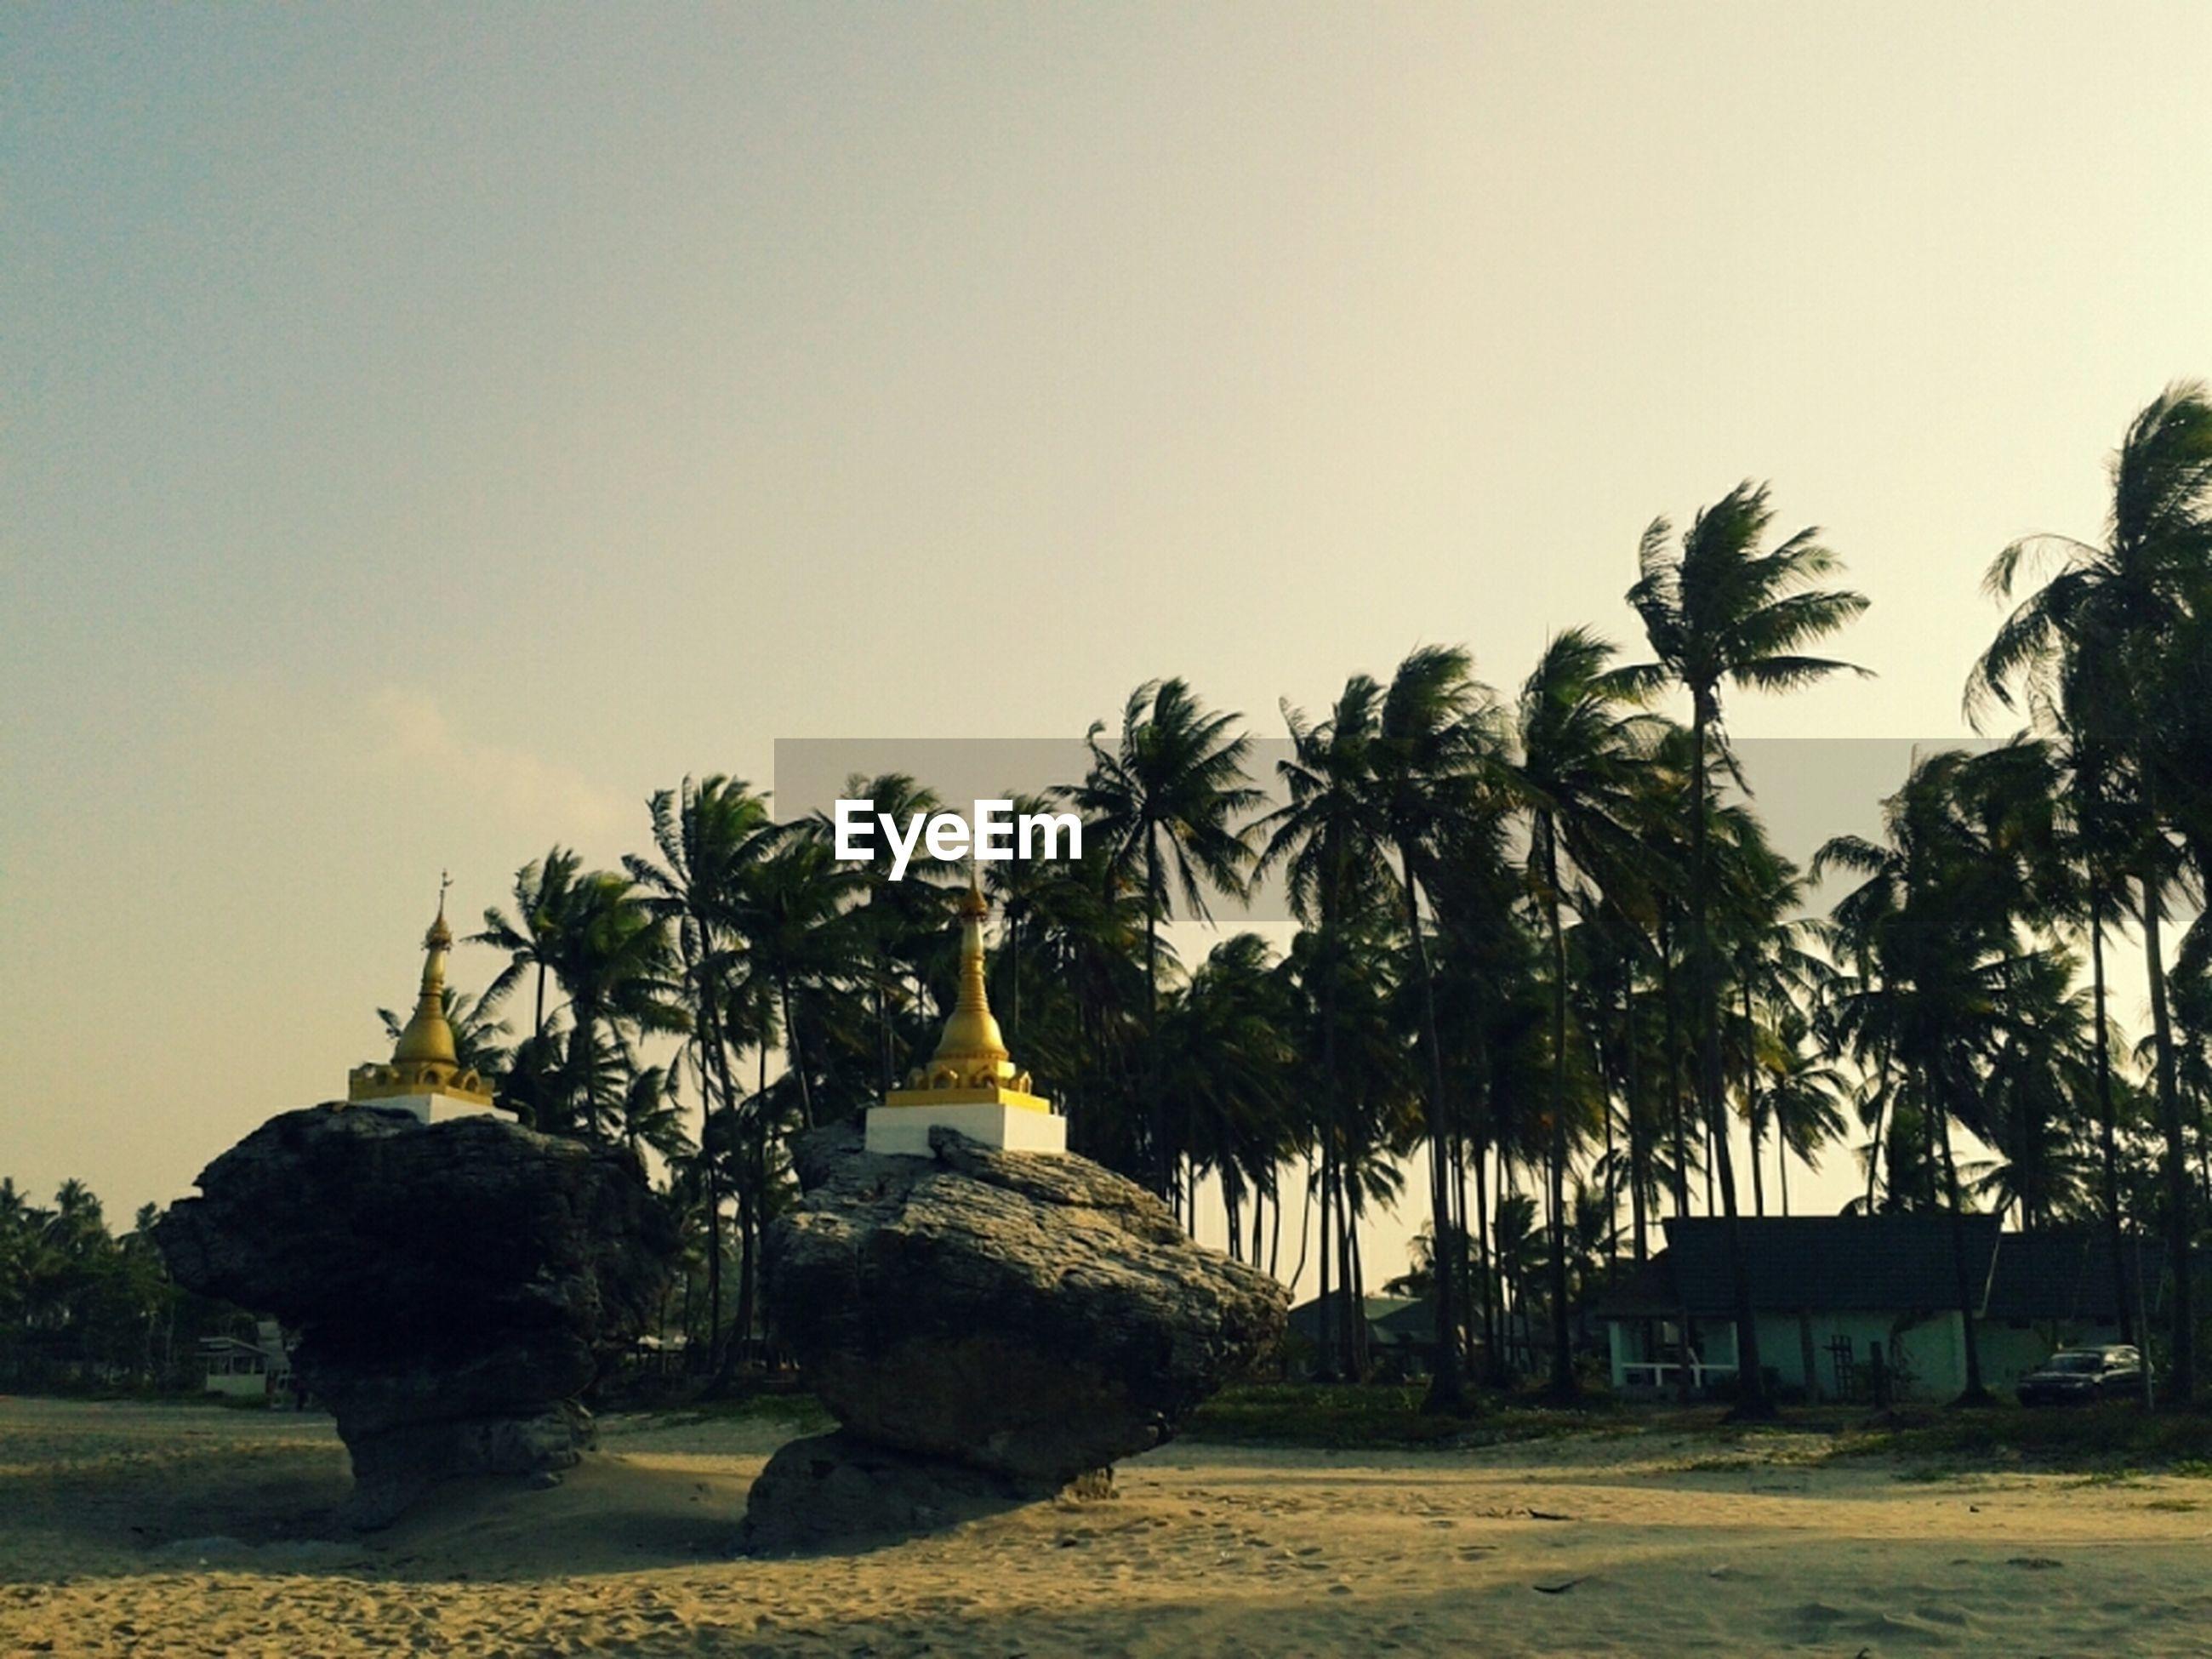 Pagodas on ngwe saung beach against sky